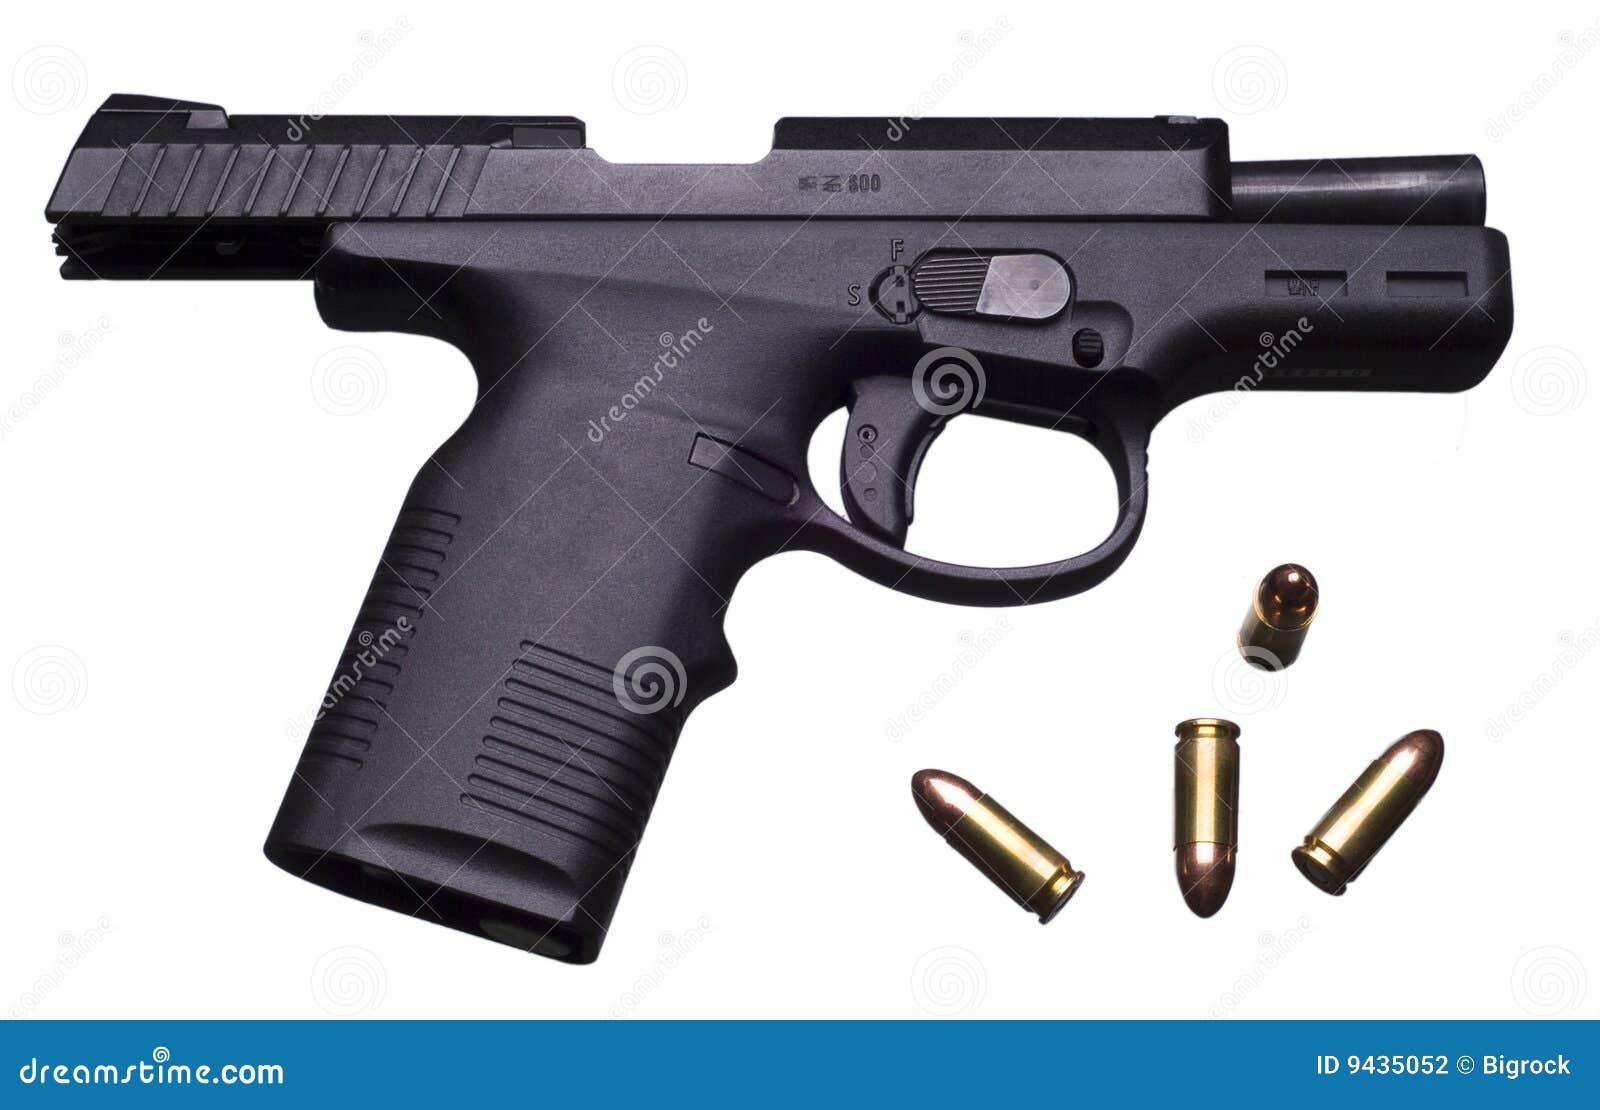 9 mmpistool